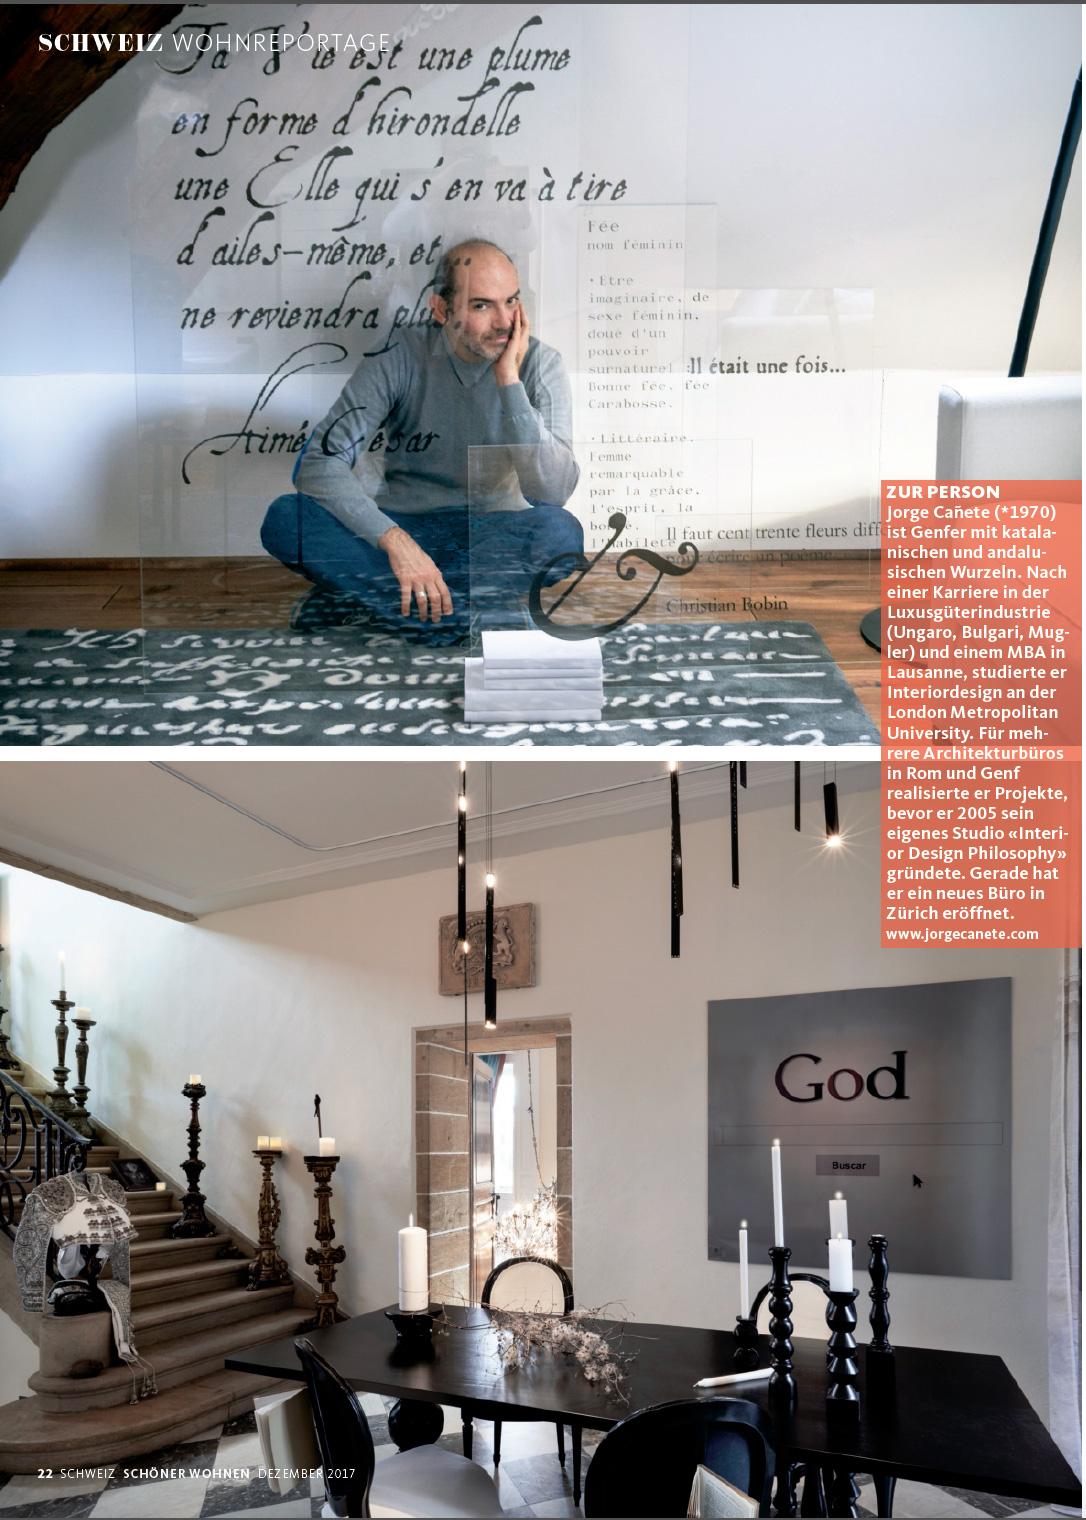 Schöner Wohnen Schweiz magazine schöner wohnen page 2 interior design philosophy